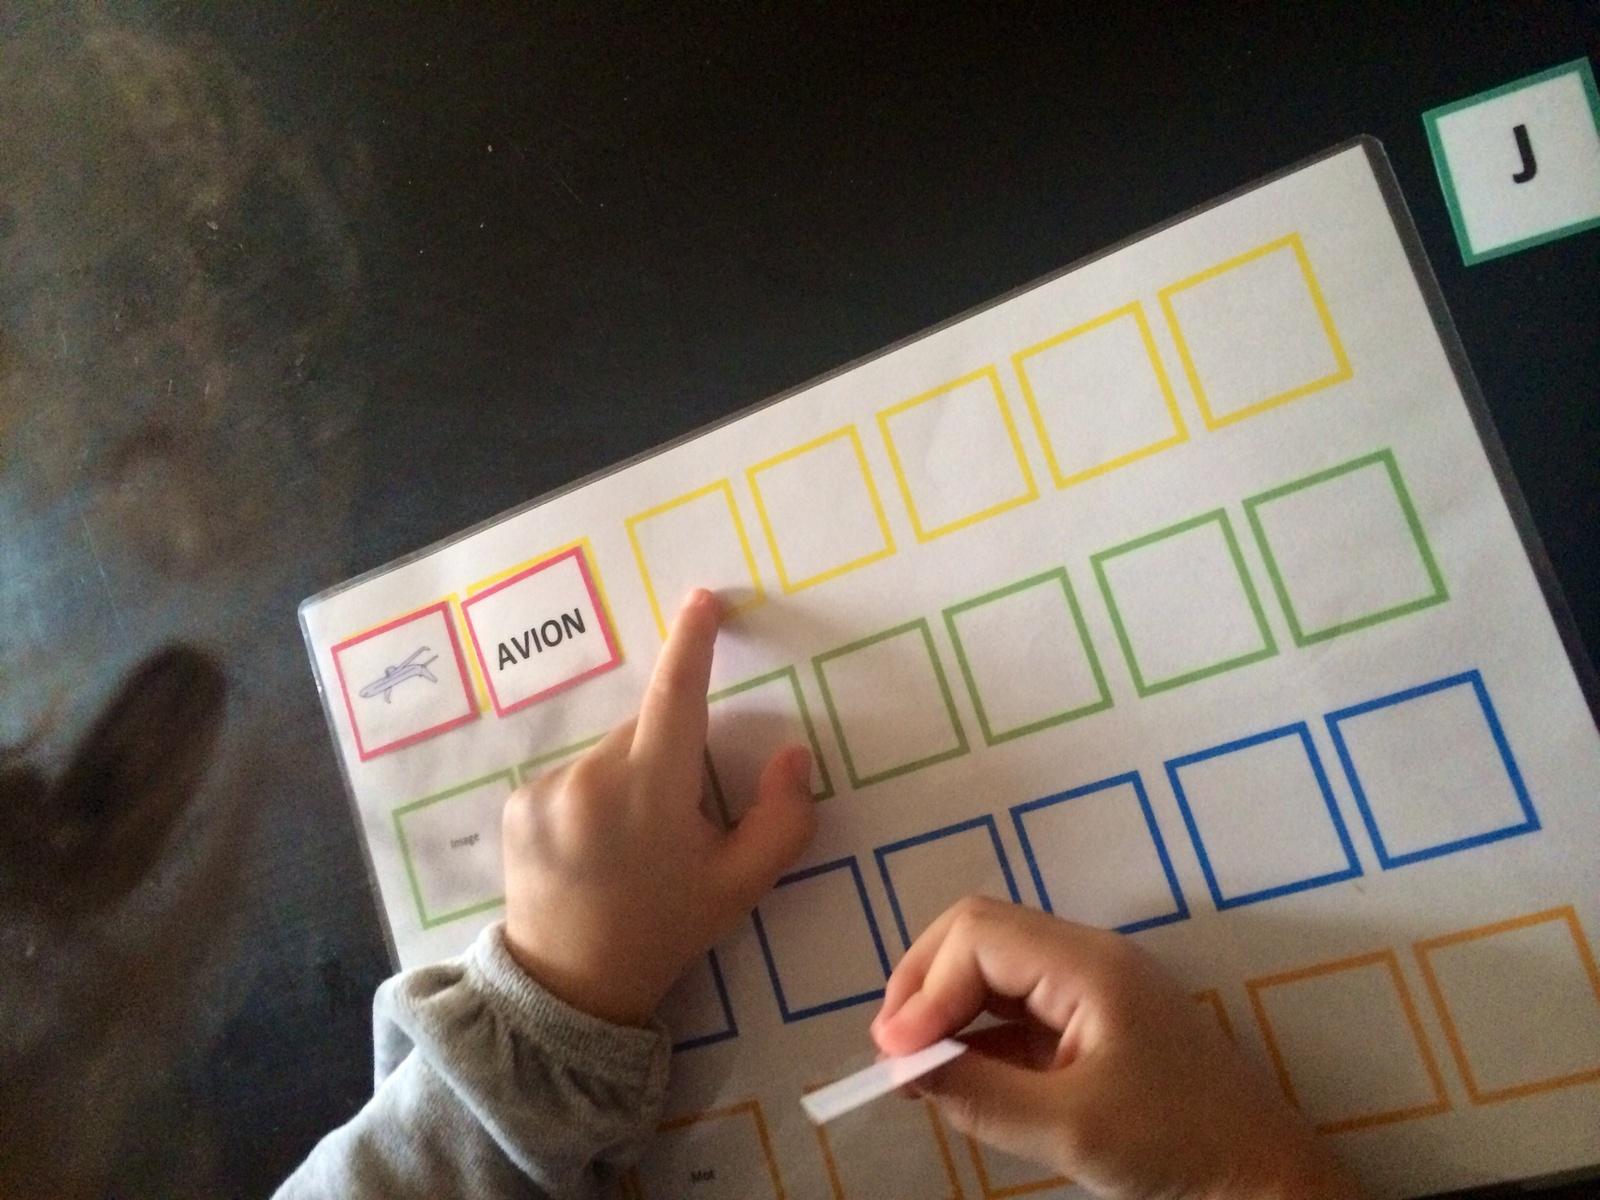 Apprendre L'alphabet, Lire Et Écrire - Apprends Moi Ummi tout Apprendre L Alphabet En Francais Maternelle